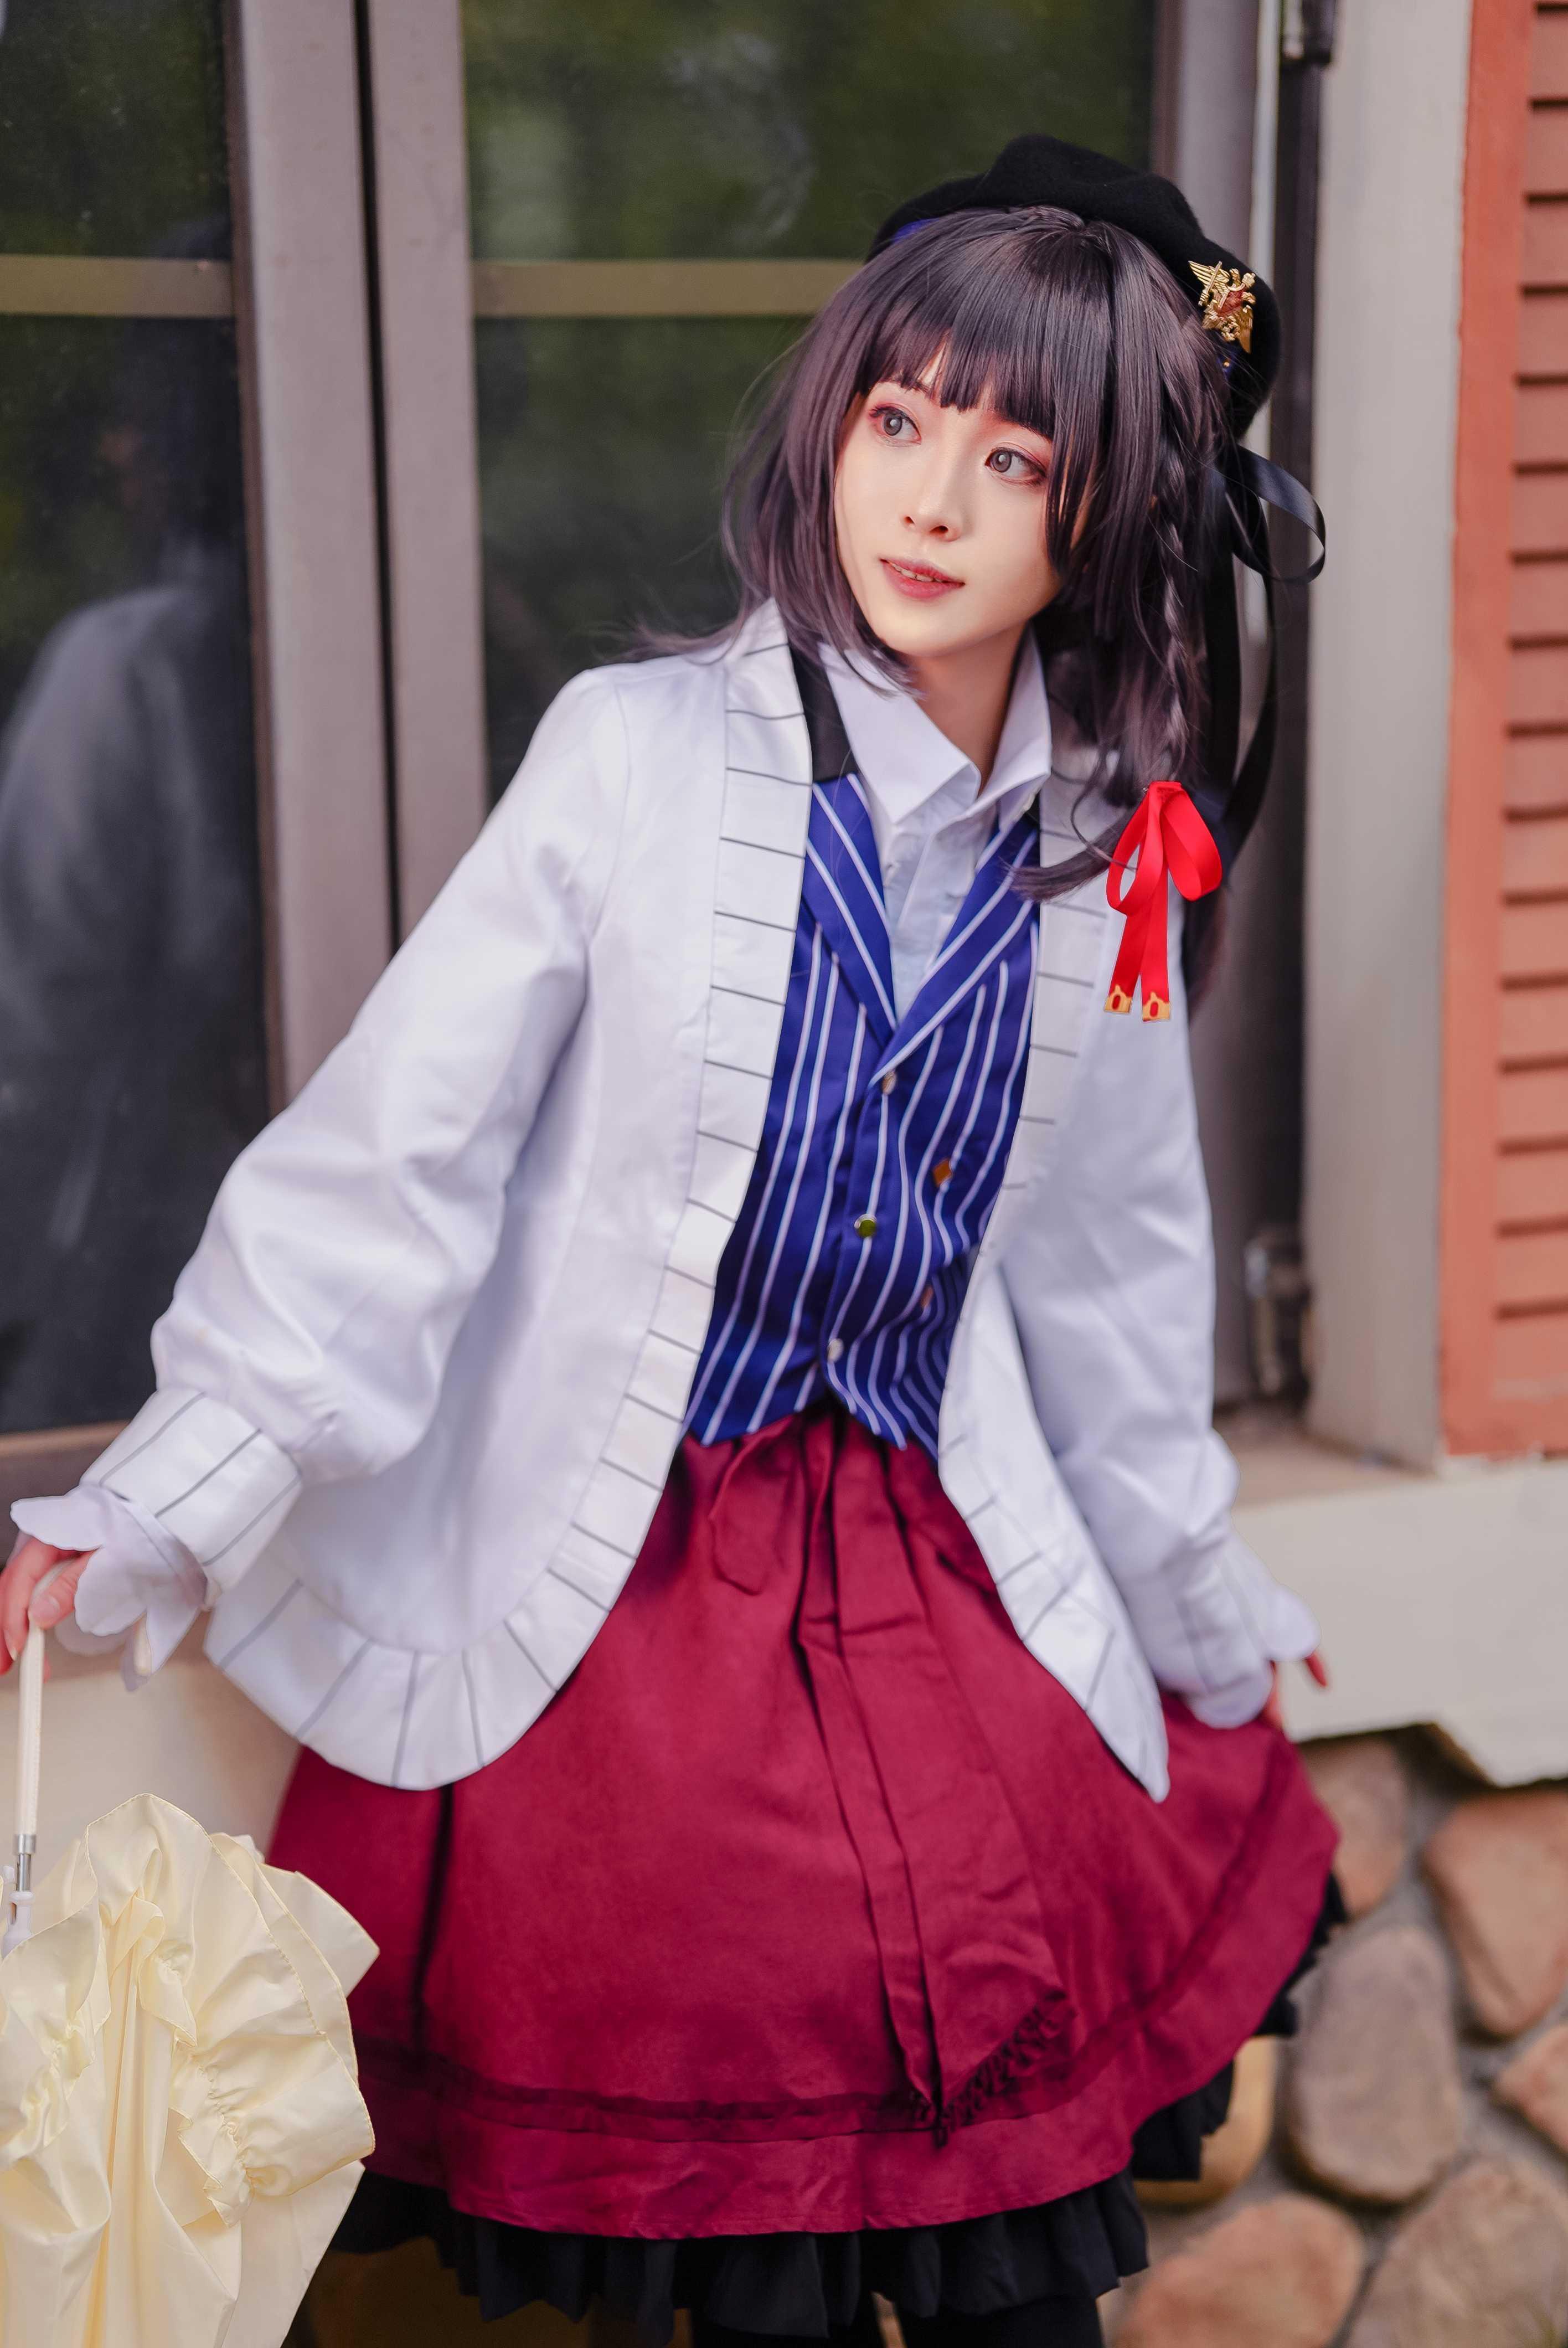 《时空中的绘旅人》正片cosplay【CN:子姬ZJ】-第2张